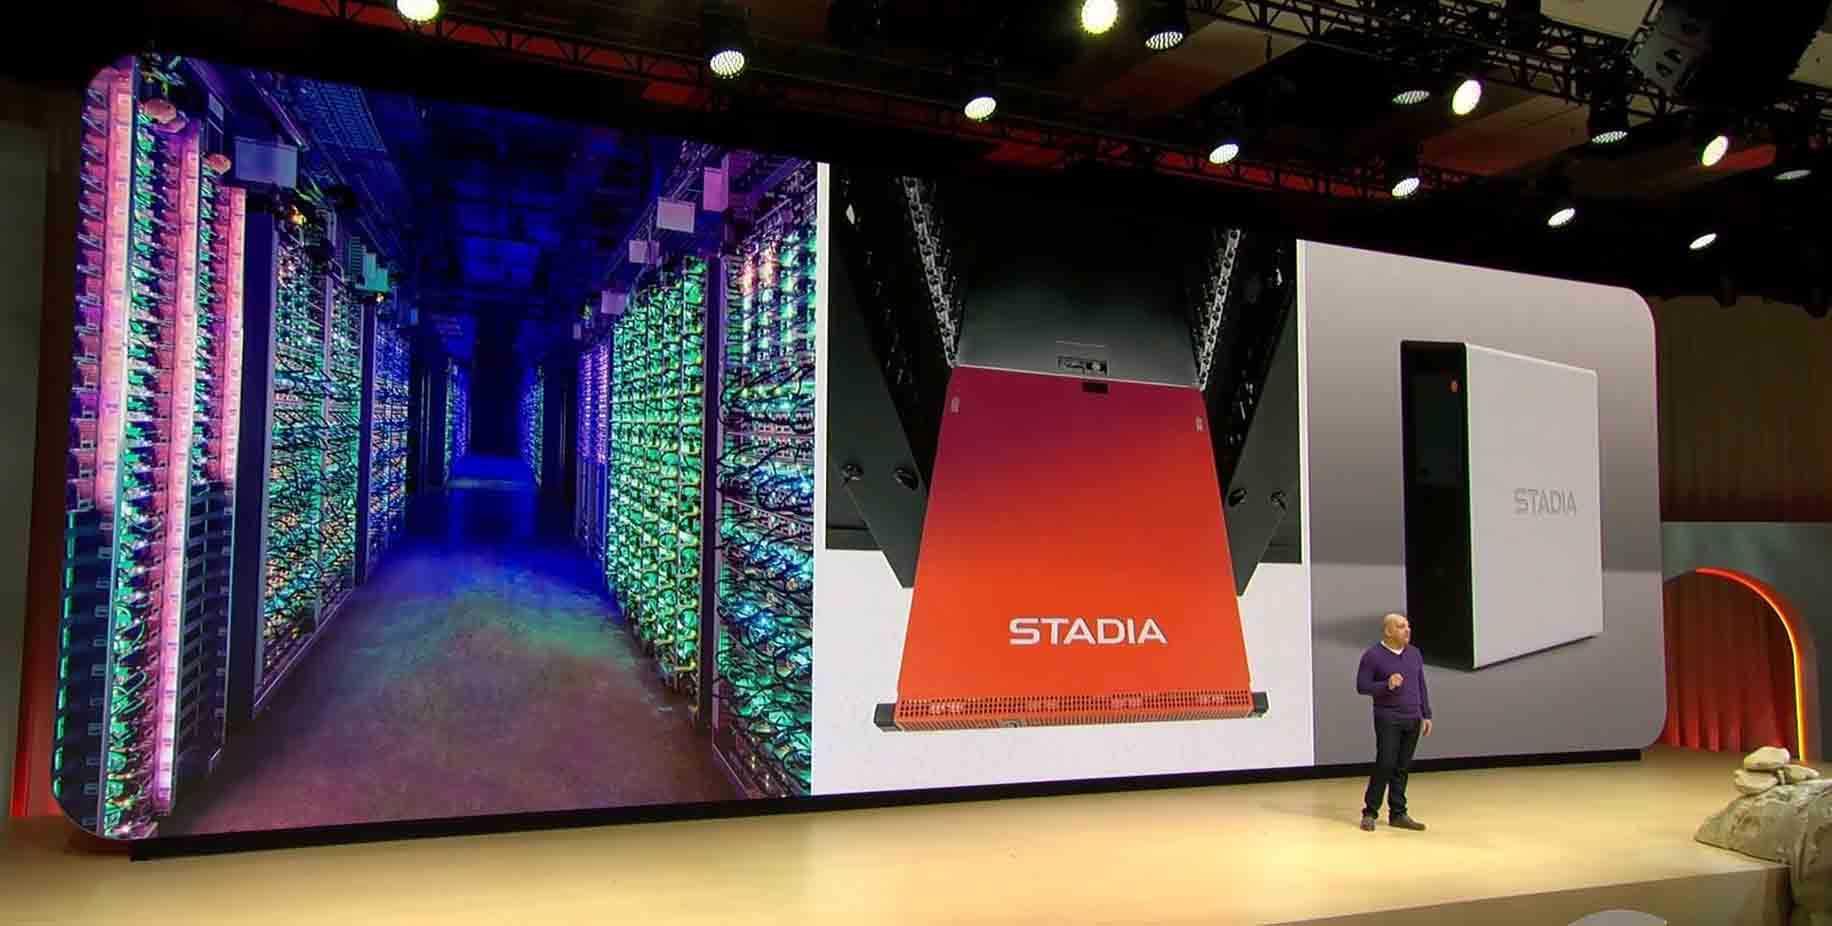 В рамках Game Developers Conferenceкомпания Google представила новый стриминговый сервис Google Stadia С его помощью геймеры смогут избавиться от необходимости